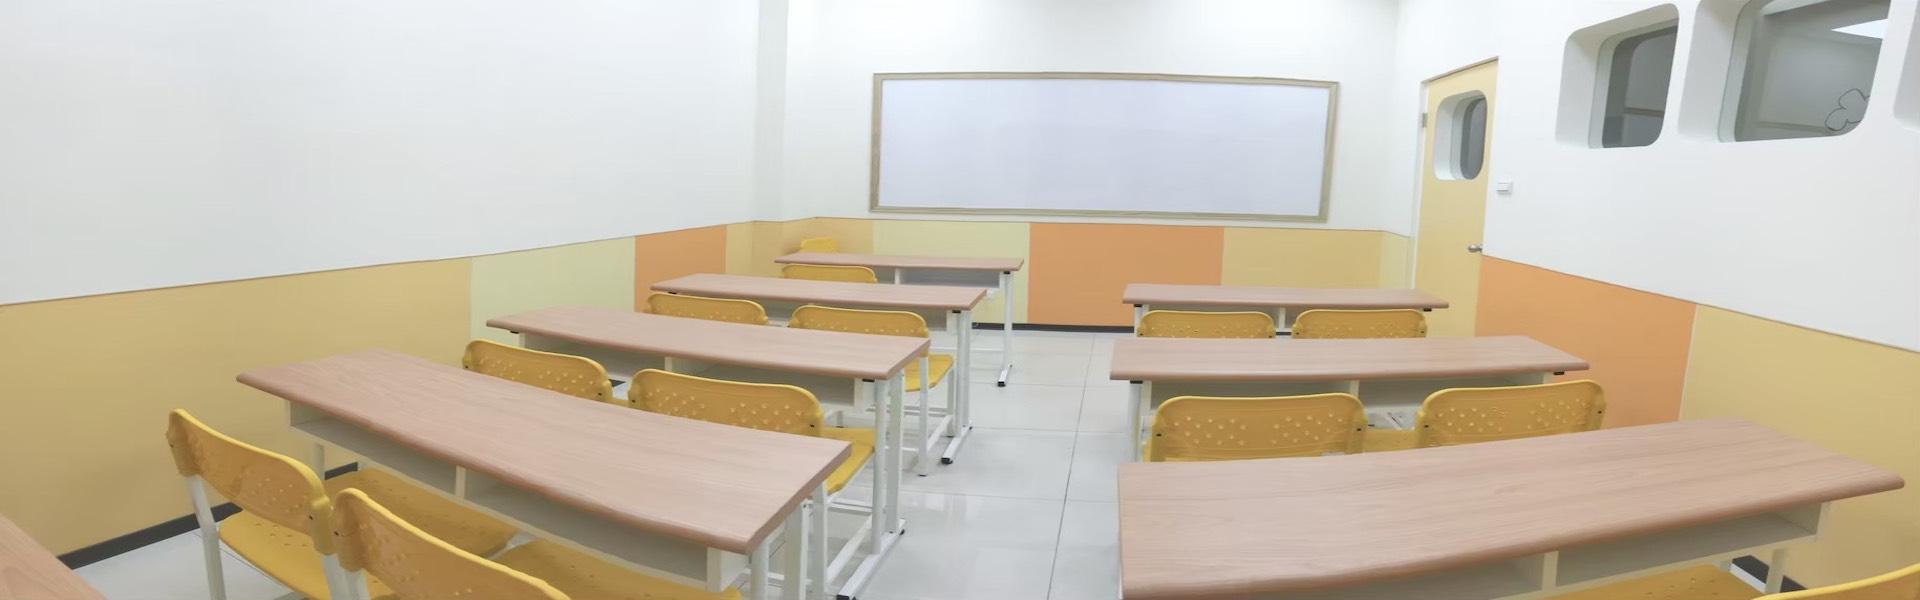 寬敞的學習空間